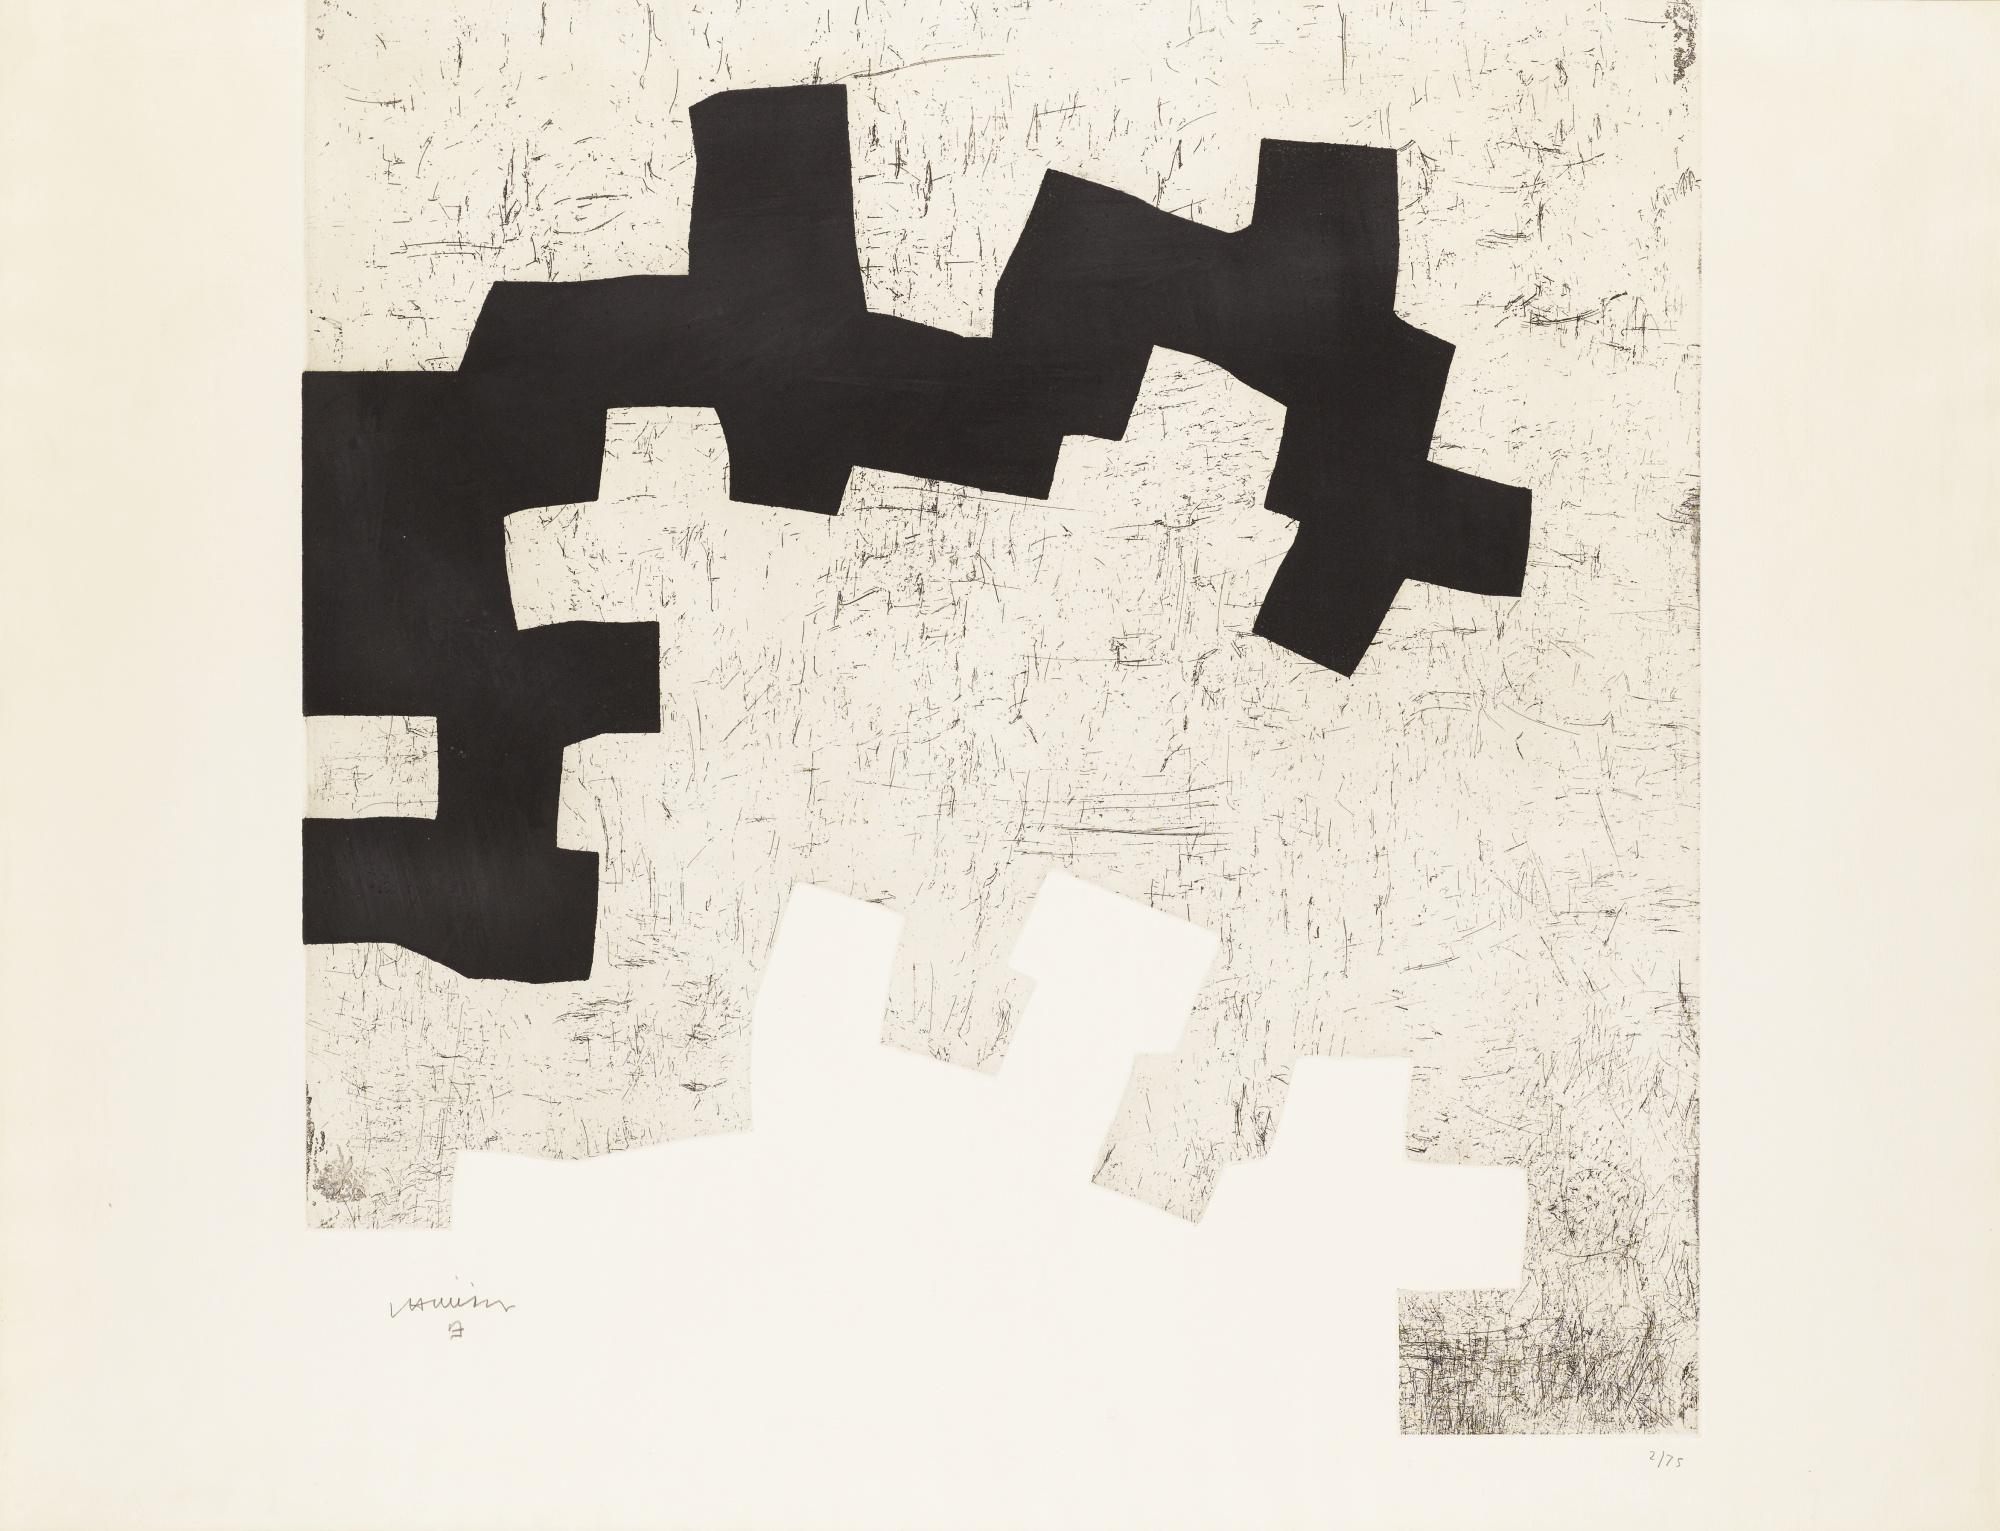 Eduardo Chillida-Aldikatu IIi (Koelen 72011)-1972